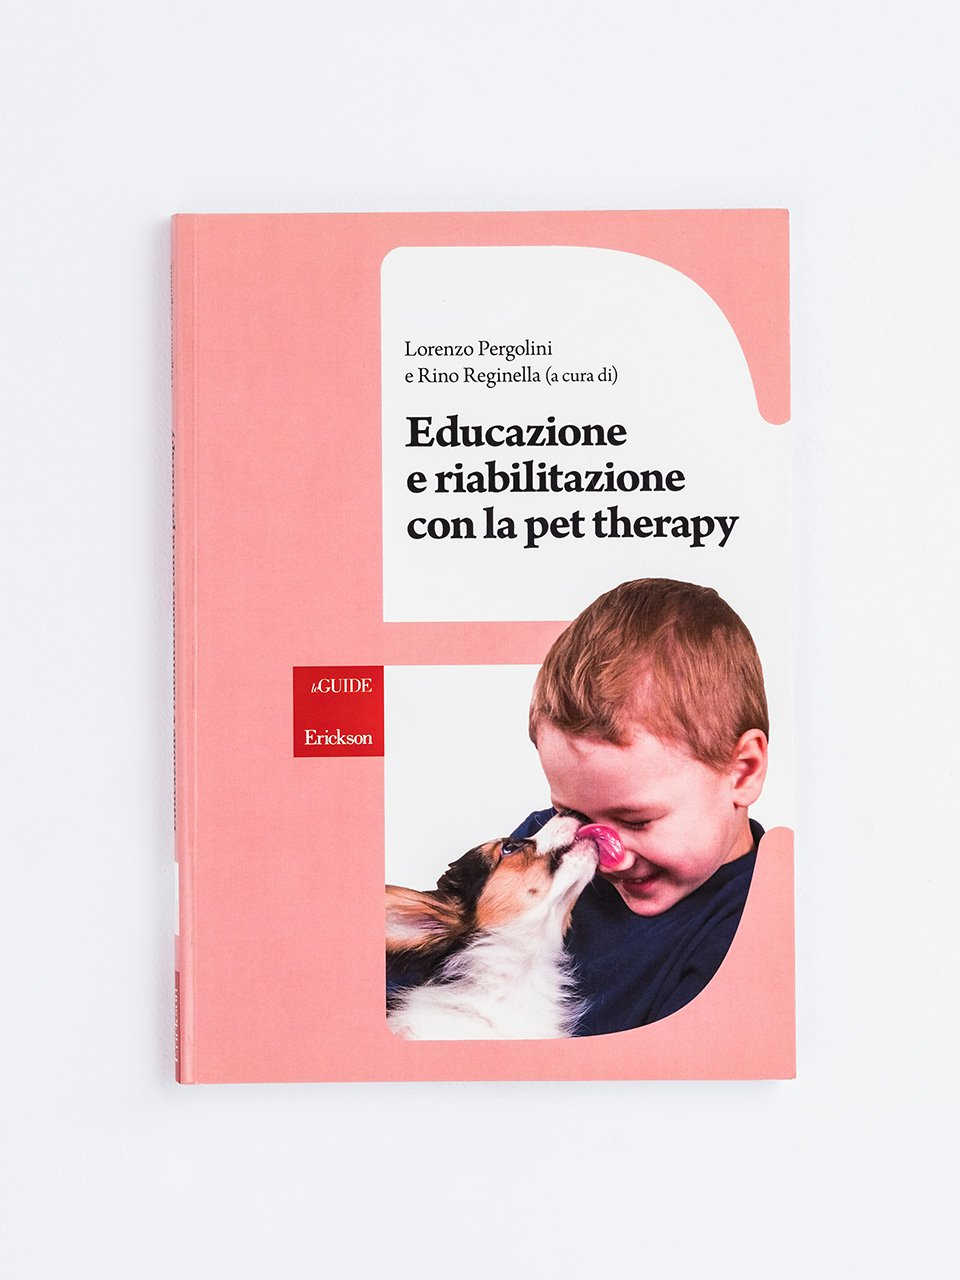 Educazione e riabilitazione con la pet therapy - Terapista Occupazionale - Erickson